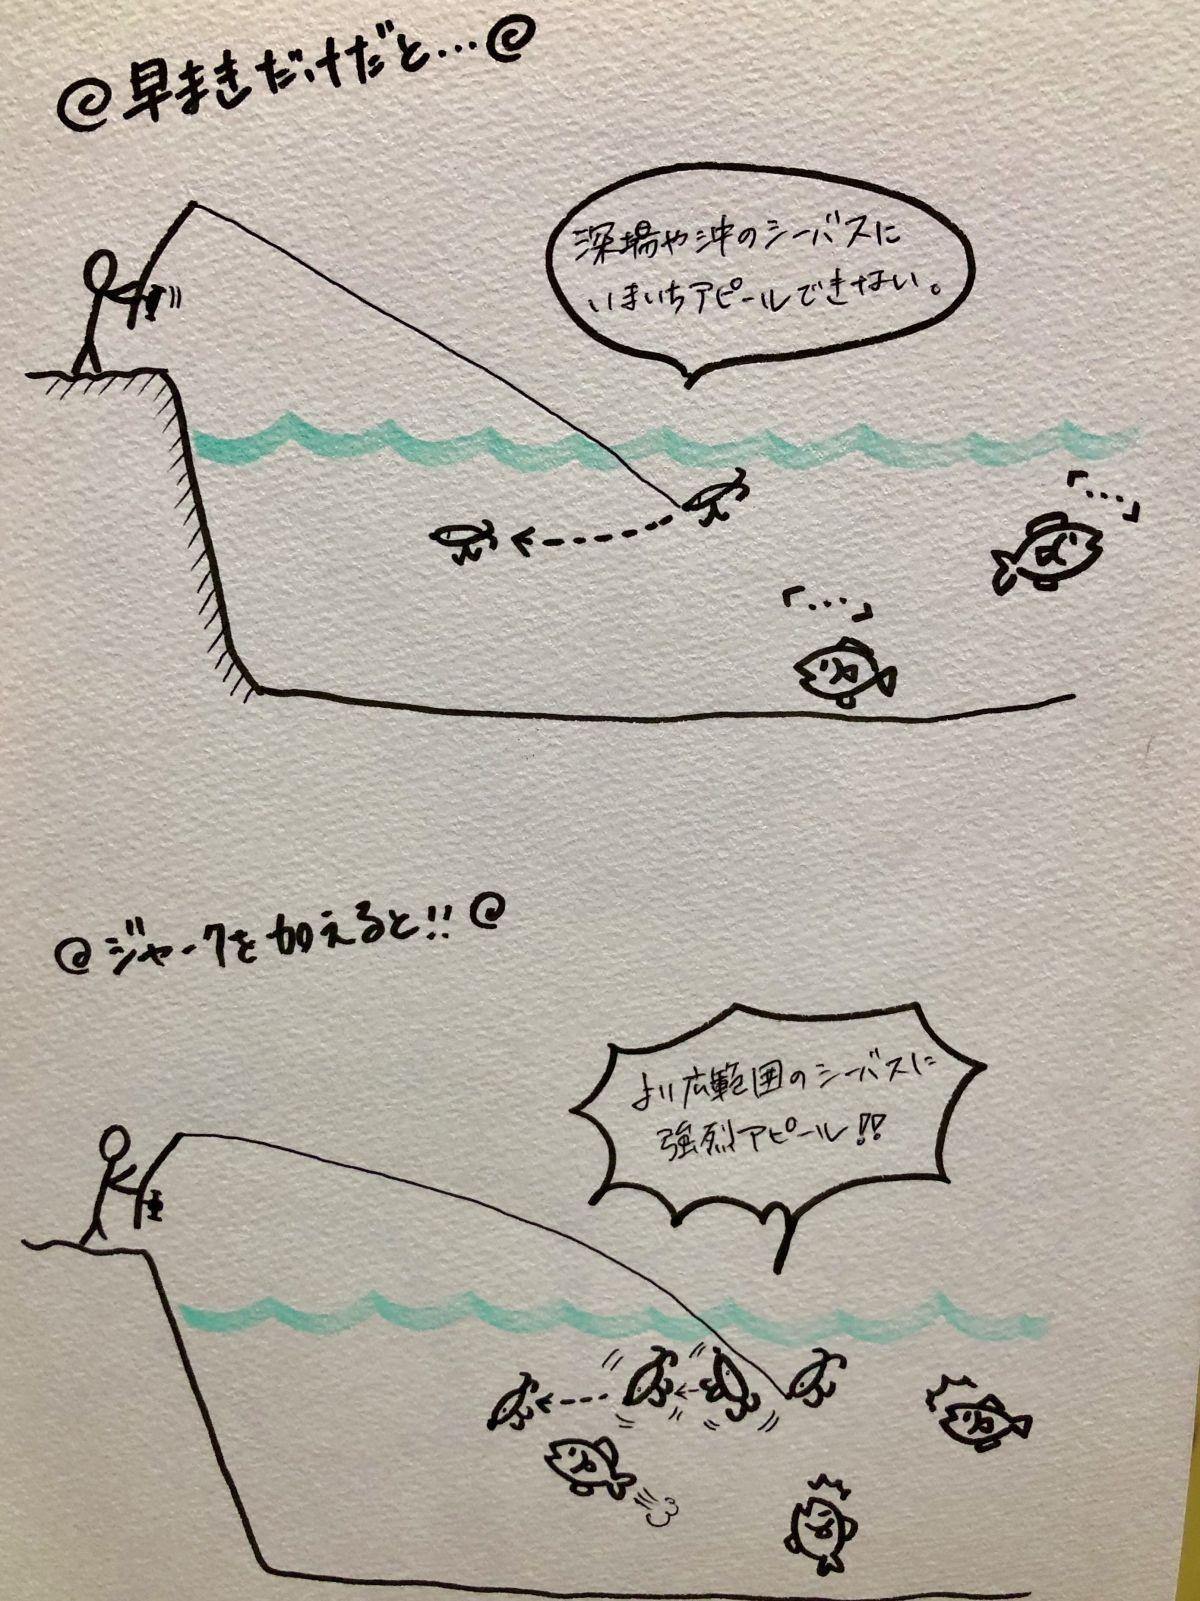 梅雨時の早巻きパターン!佐世保湾シーバス【ずん氏連載 vol.11】